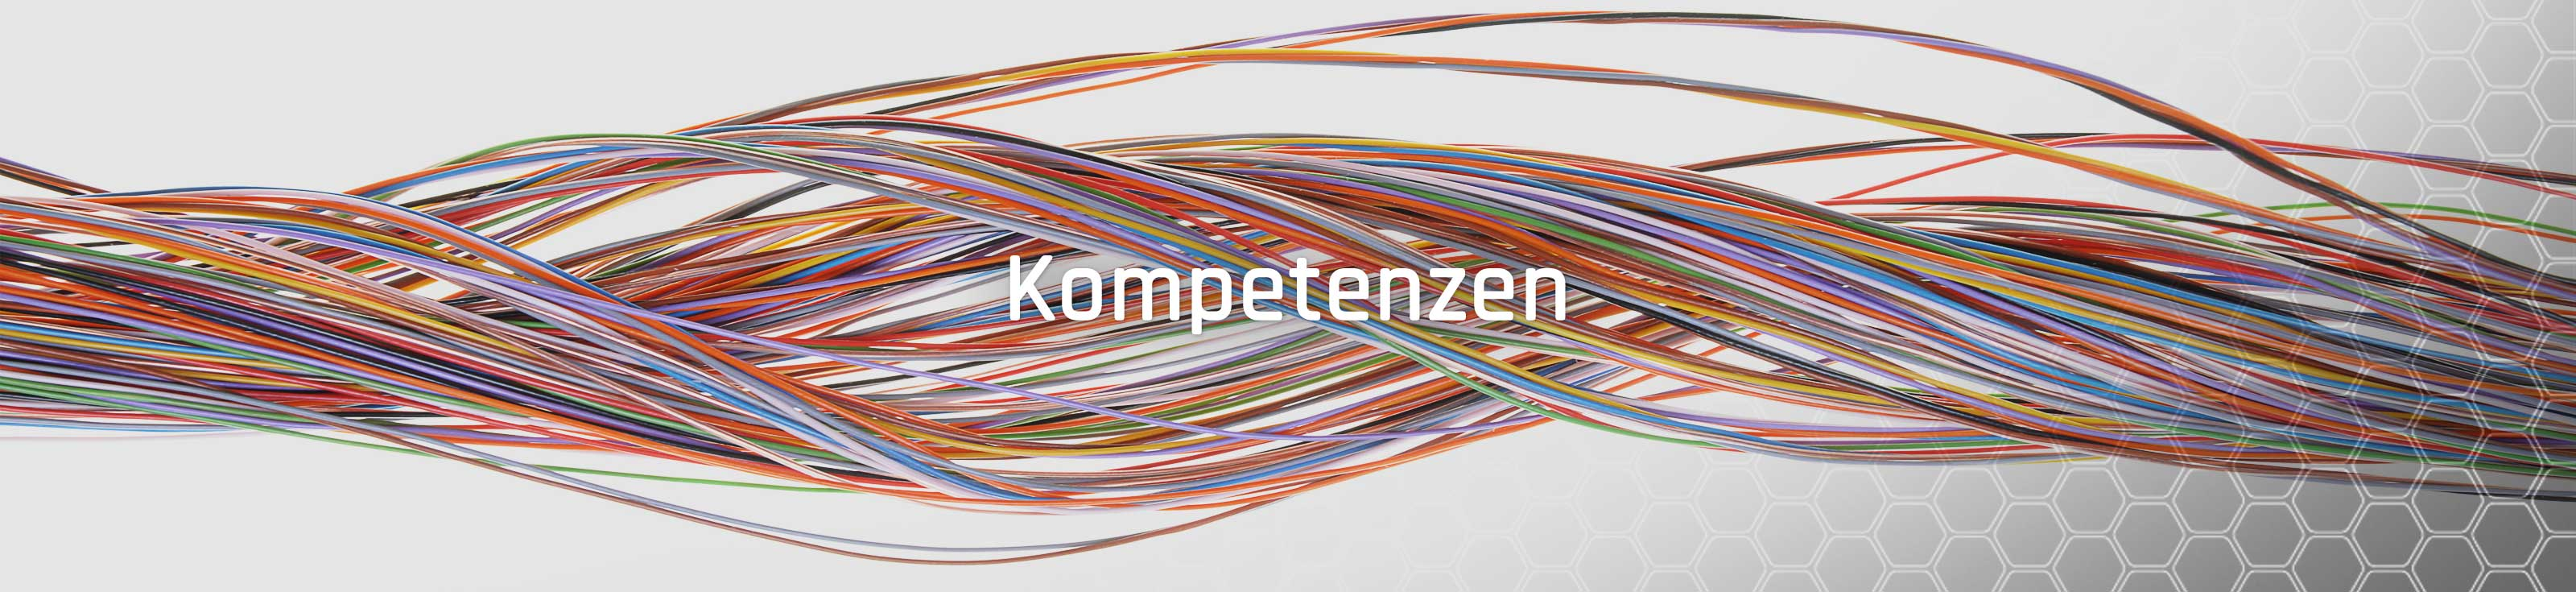 slider_kompetenzen1